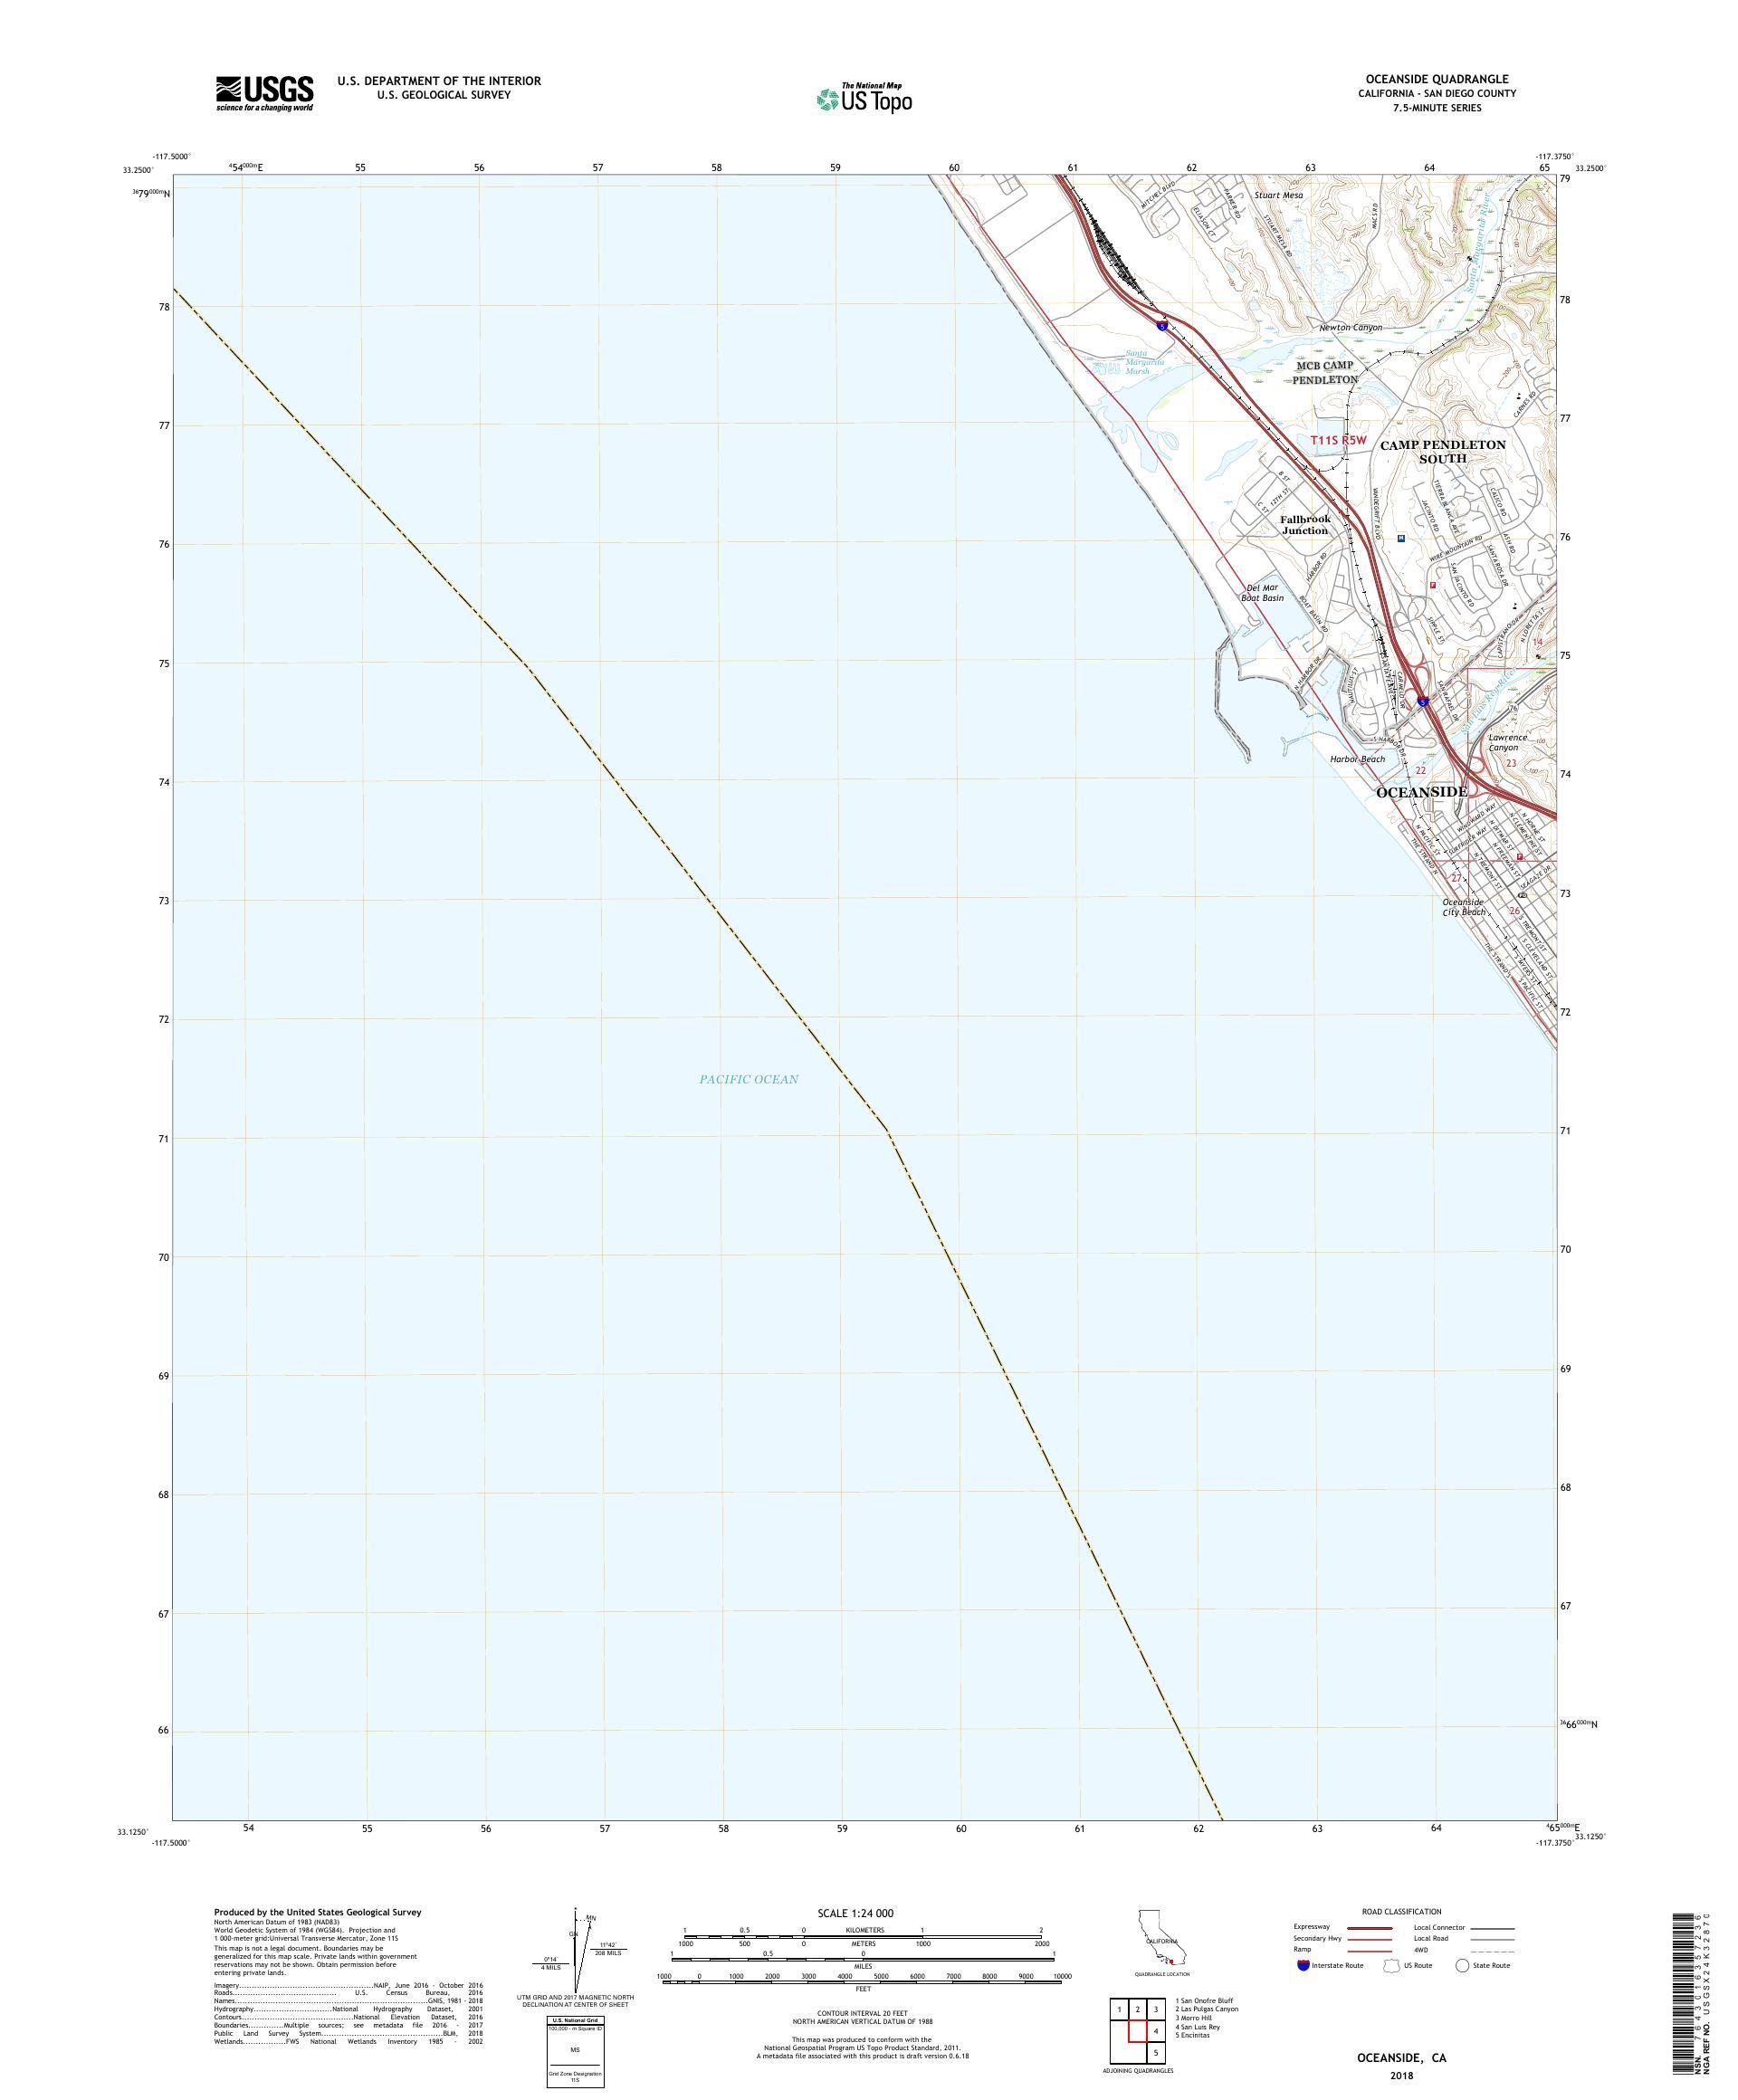 MyTopo Oceanside, California USGS Quad Topo Map